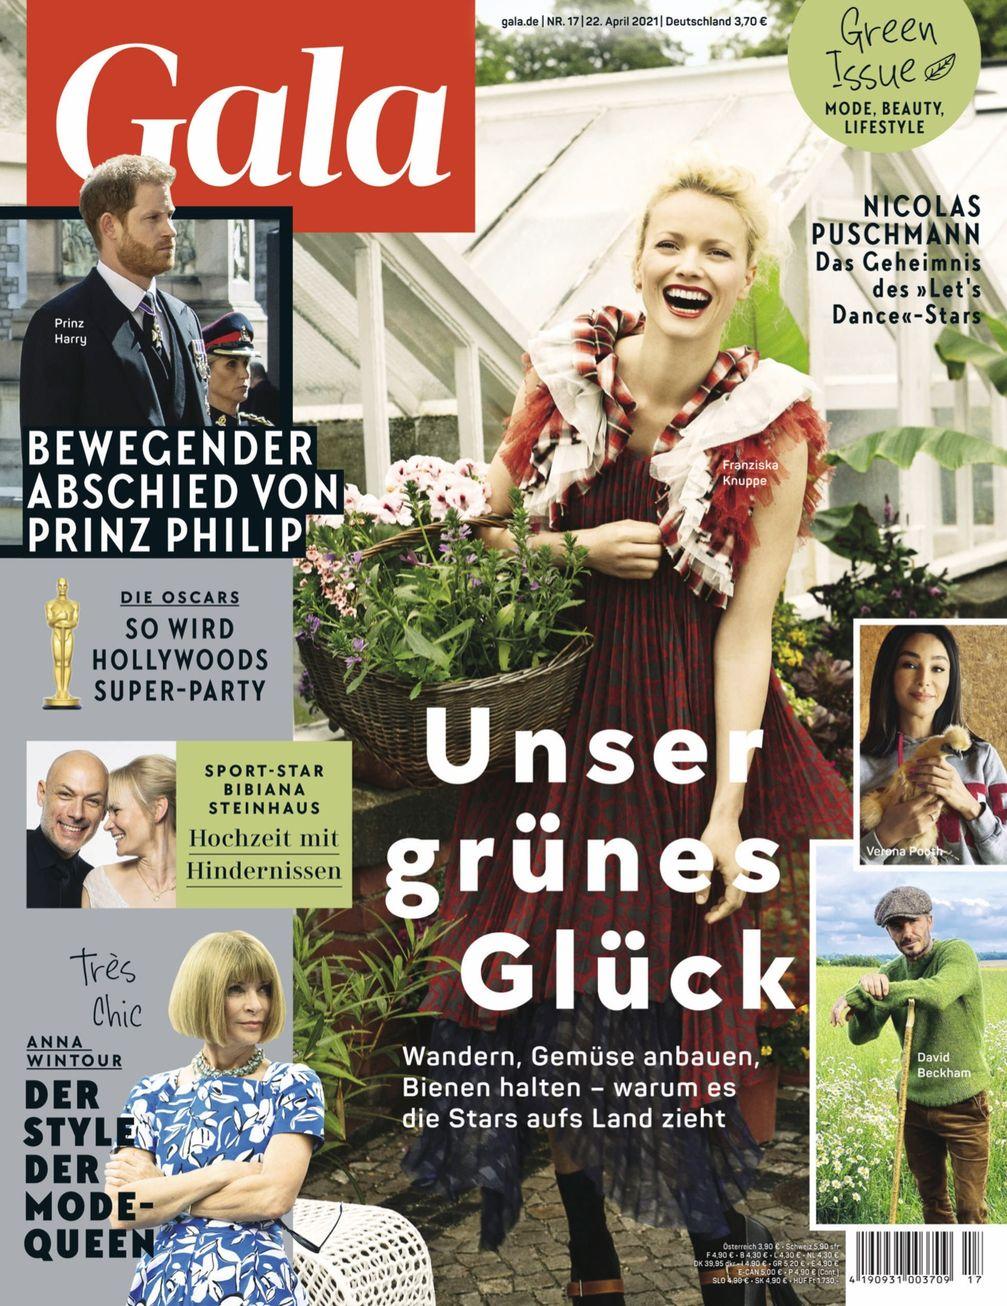 Cover_GALA 17/2021_EVT: 22.4.2021 / Bild: Gruner+Jahr, Gala Fotograf: Gruner+Jahr, Gala